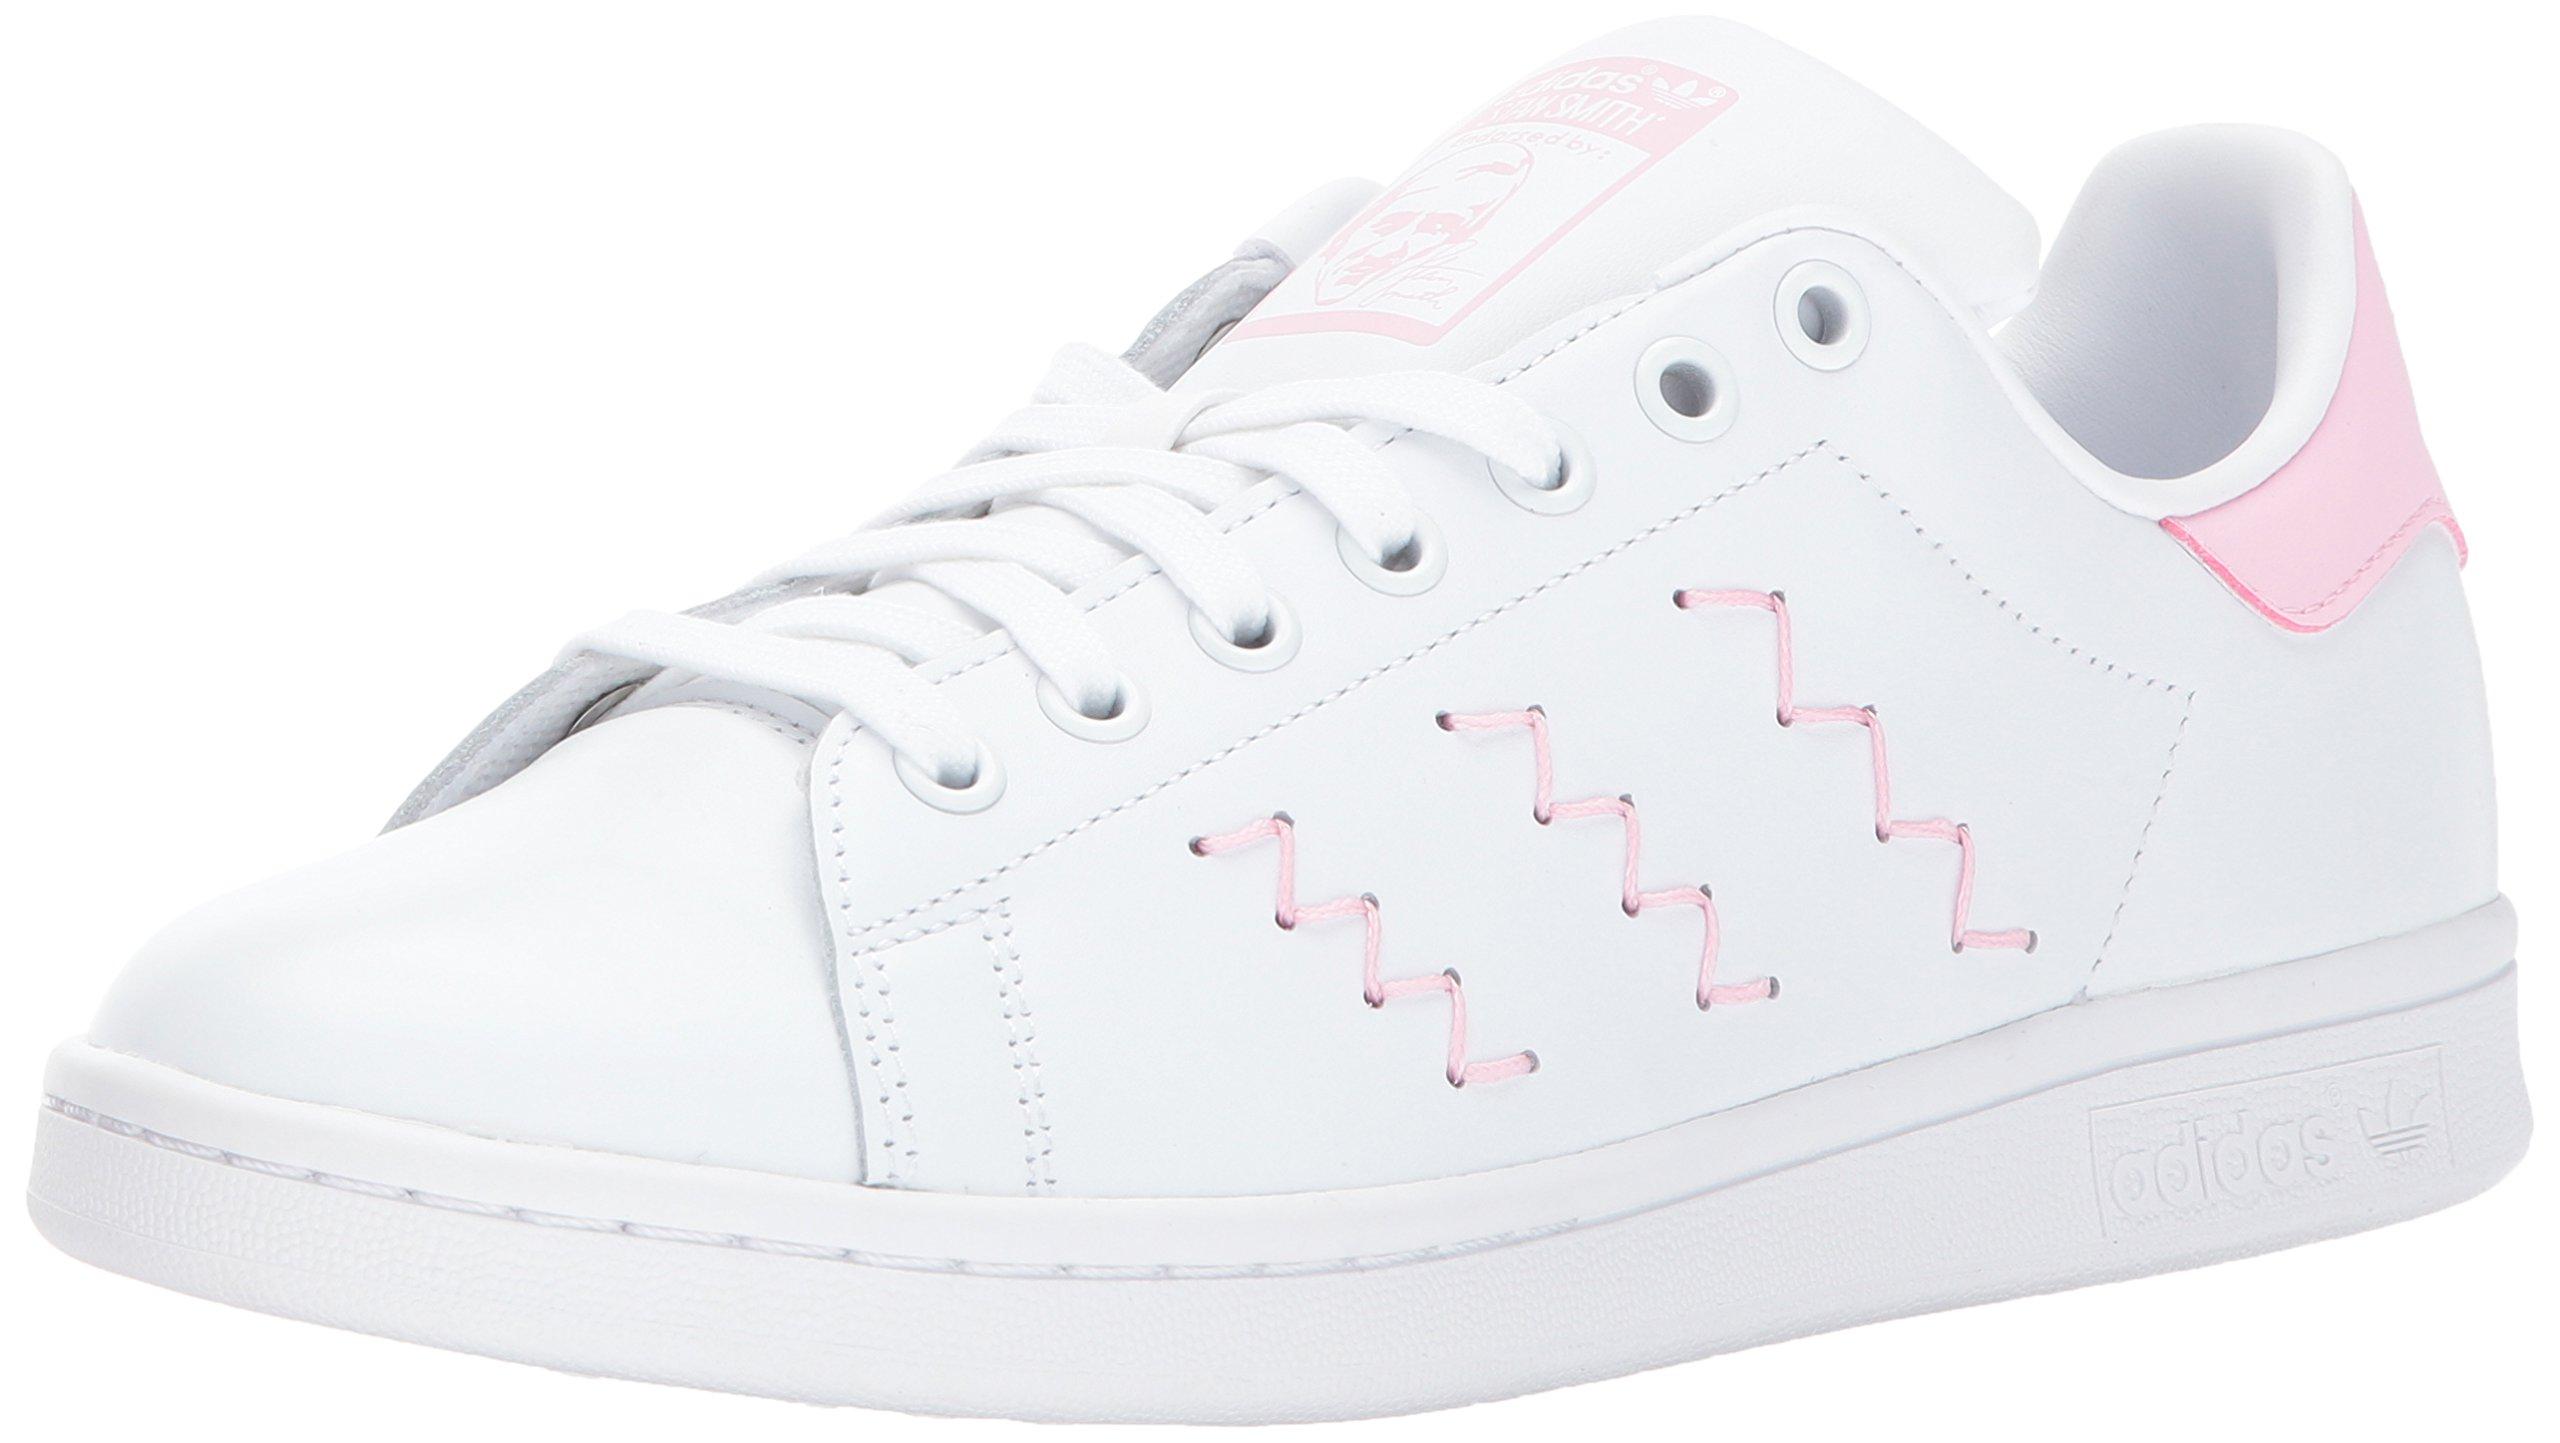 c64c6237e Galleon - Adidas Originals Women's Stan Smith W Fashion Sneaker Running Shoe,  White/Wonder Pink, 6.5 Medium US